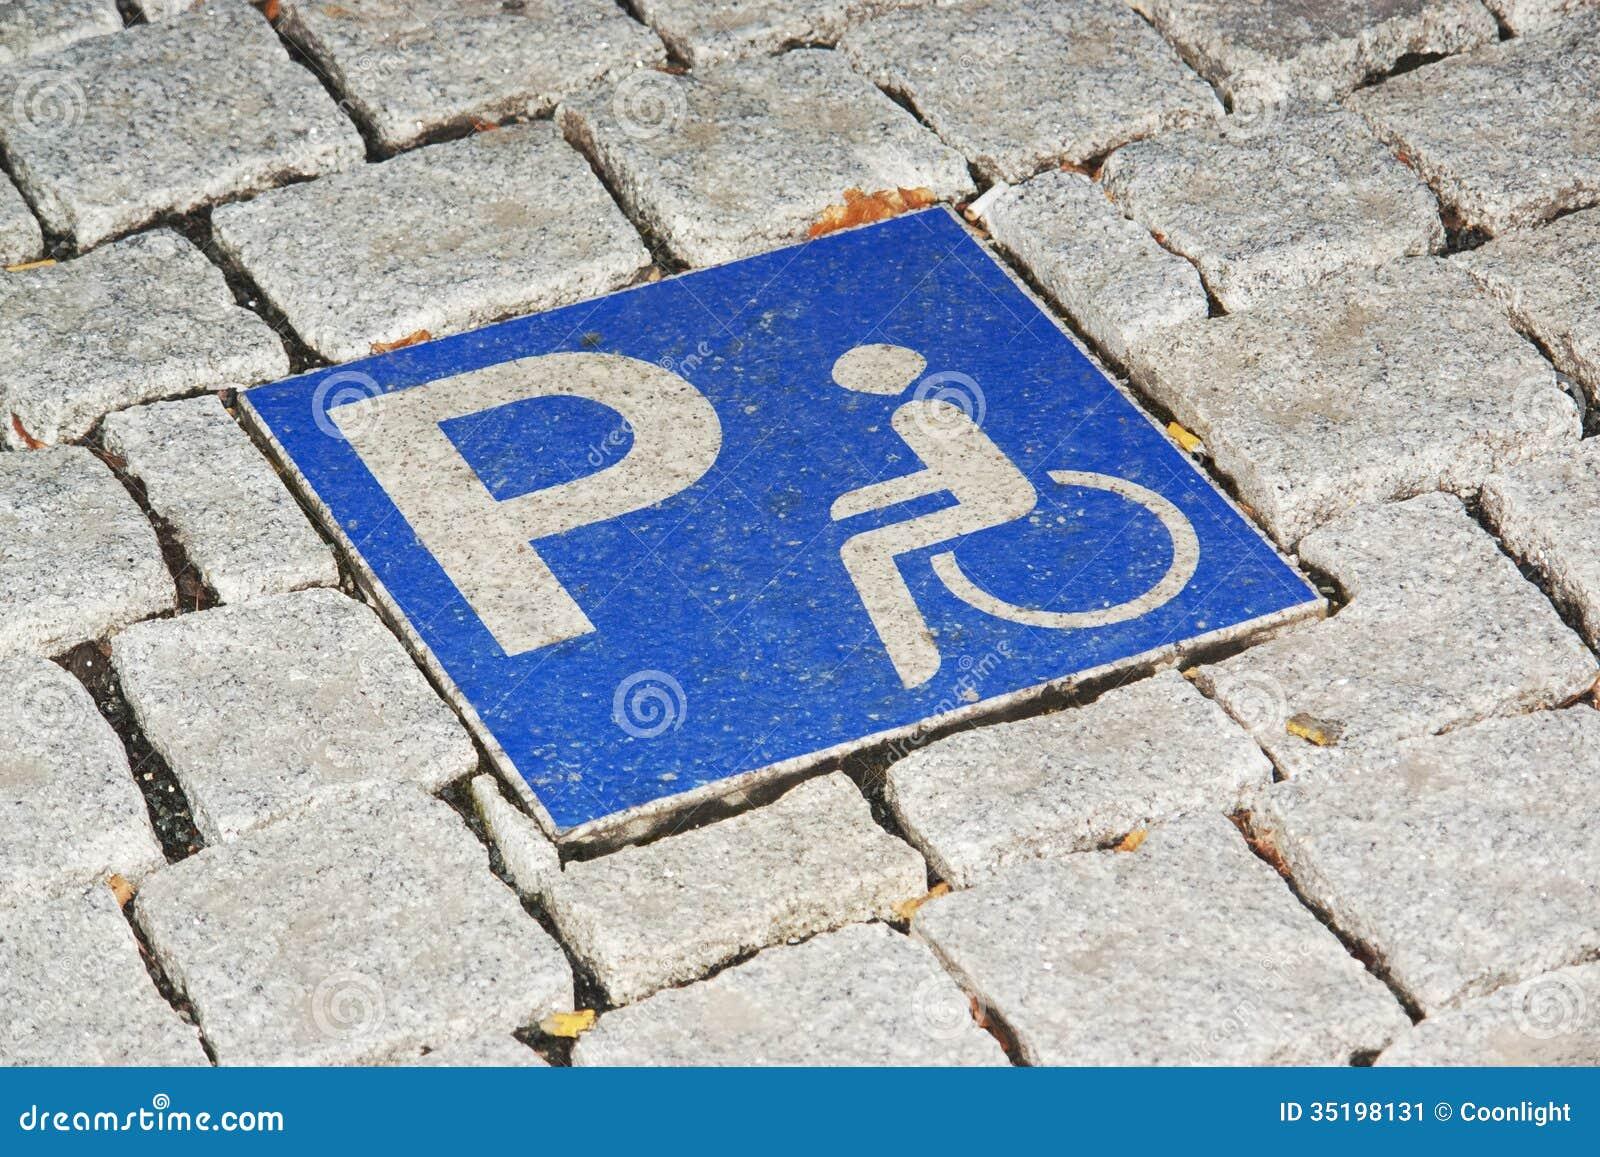 Behindertes Parken